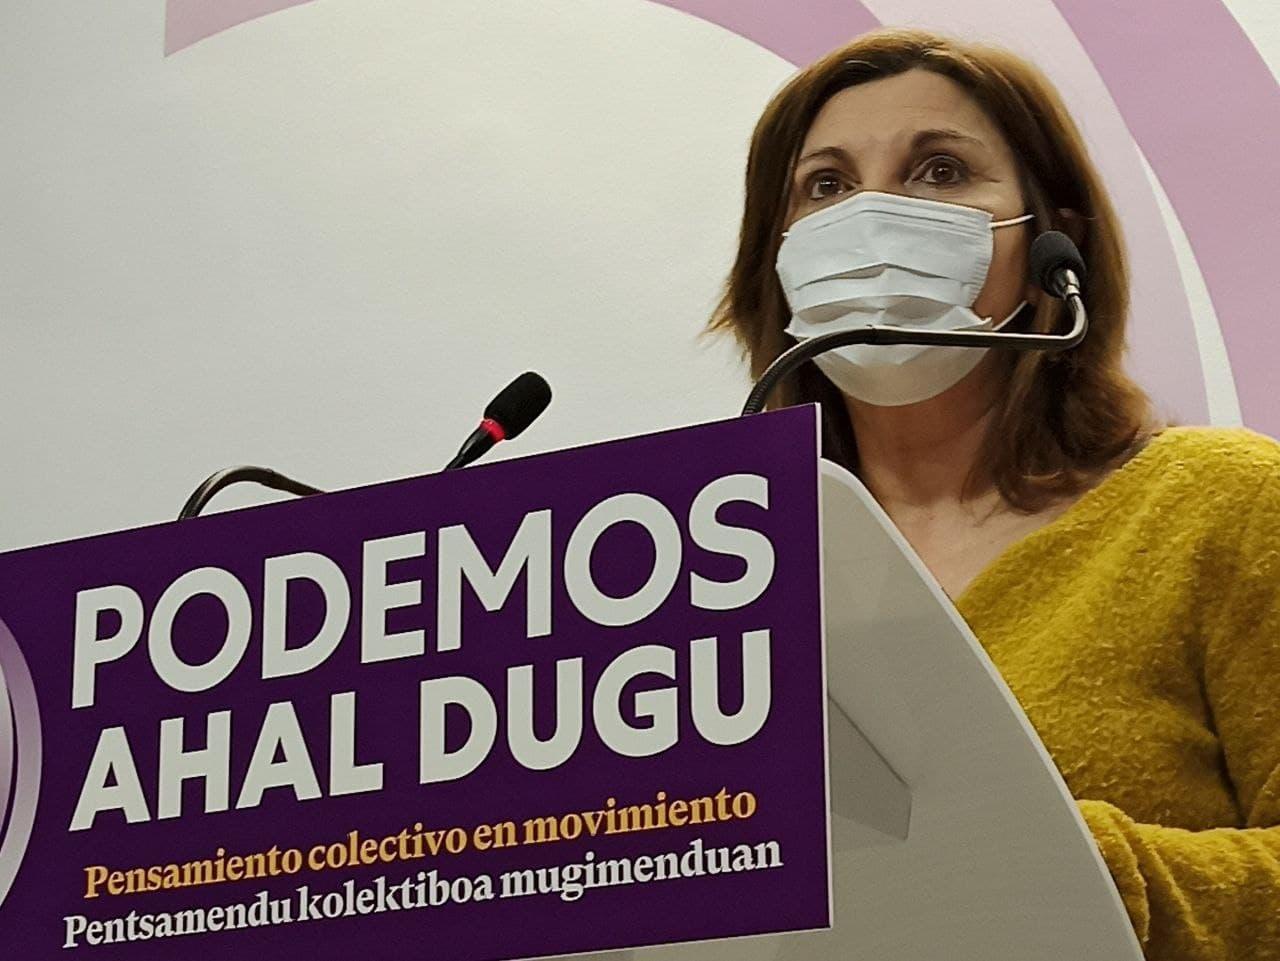 La diputada de Unidas Podemos Pilar Garrido / Europa Press